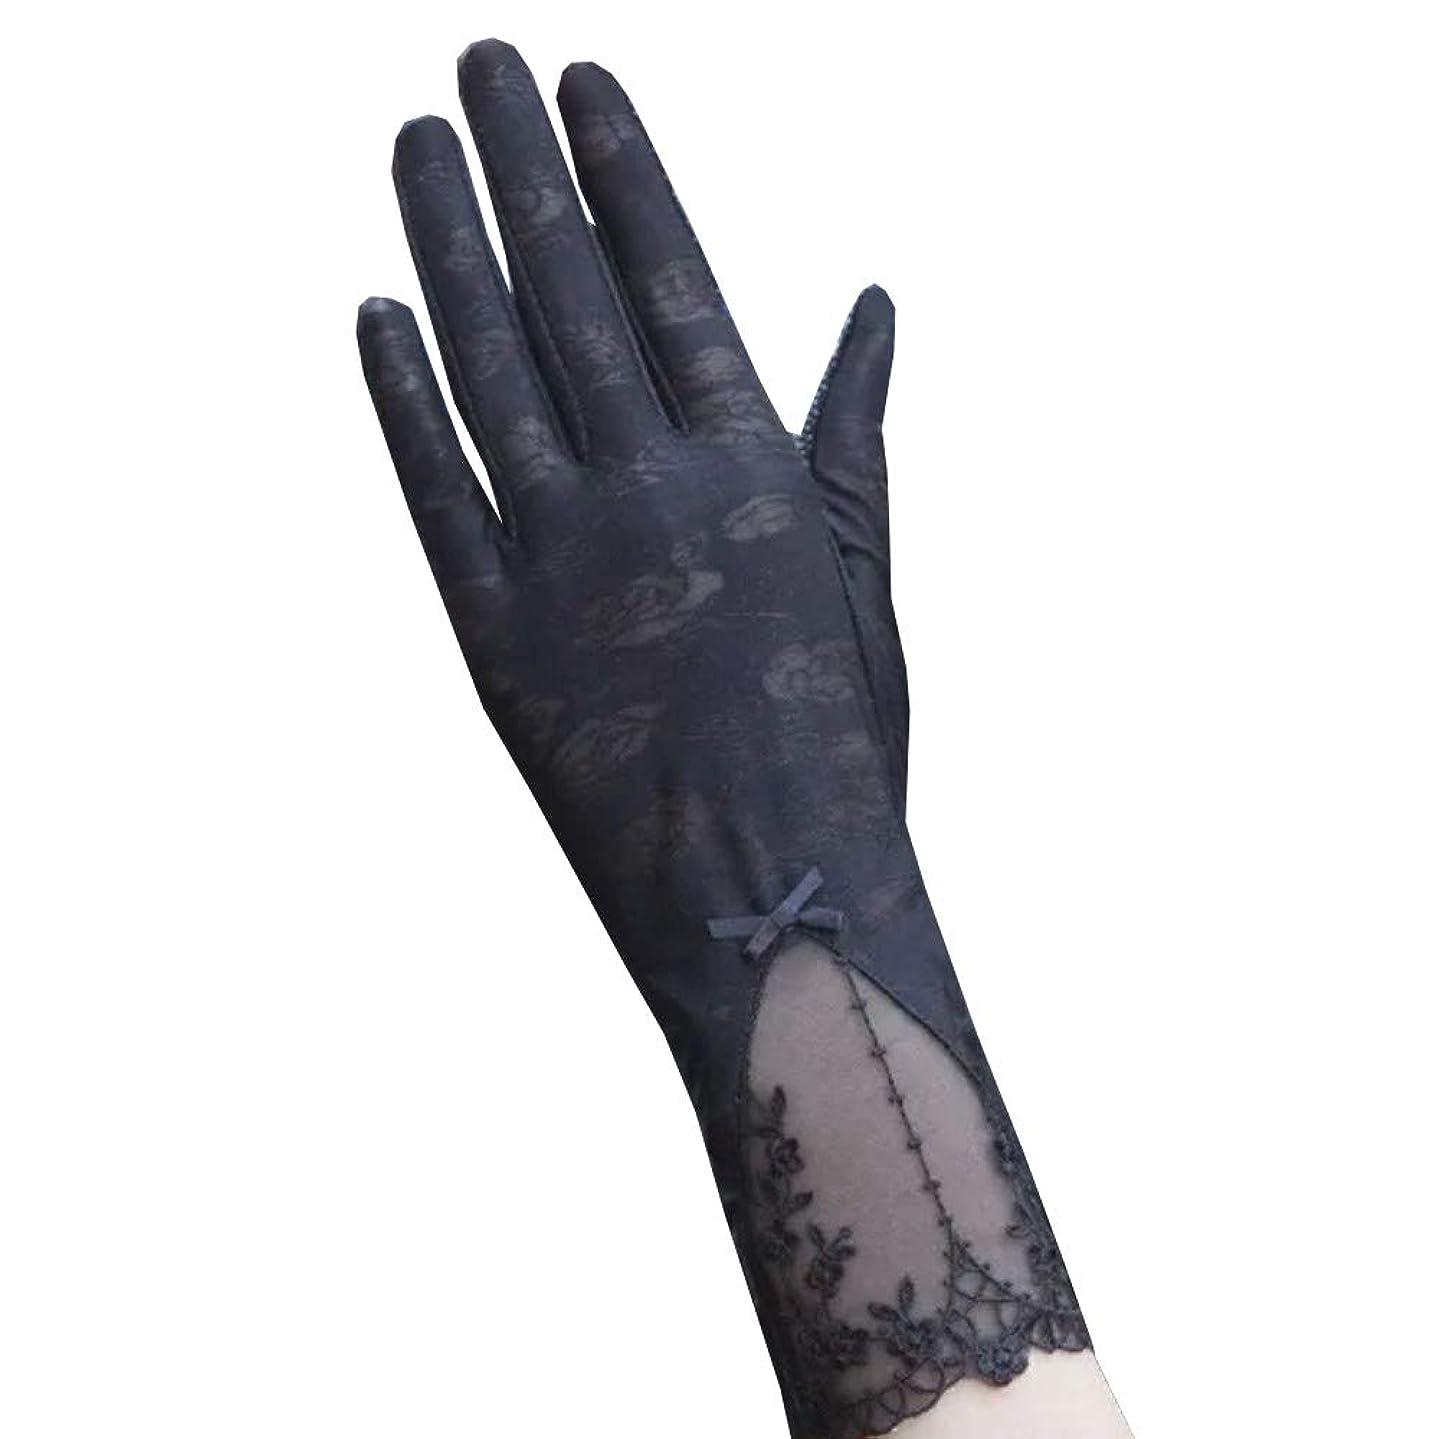 コンセンサスフィード快適レディース 手袋 タッチパネル 運転グローブ uvカット 一双 日焼け止め 手荒い 保湿 夏 荒れ対策 紫外線対策 UV手袋 滑止め付 お嫁手袋 グローブ 薄手